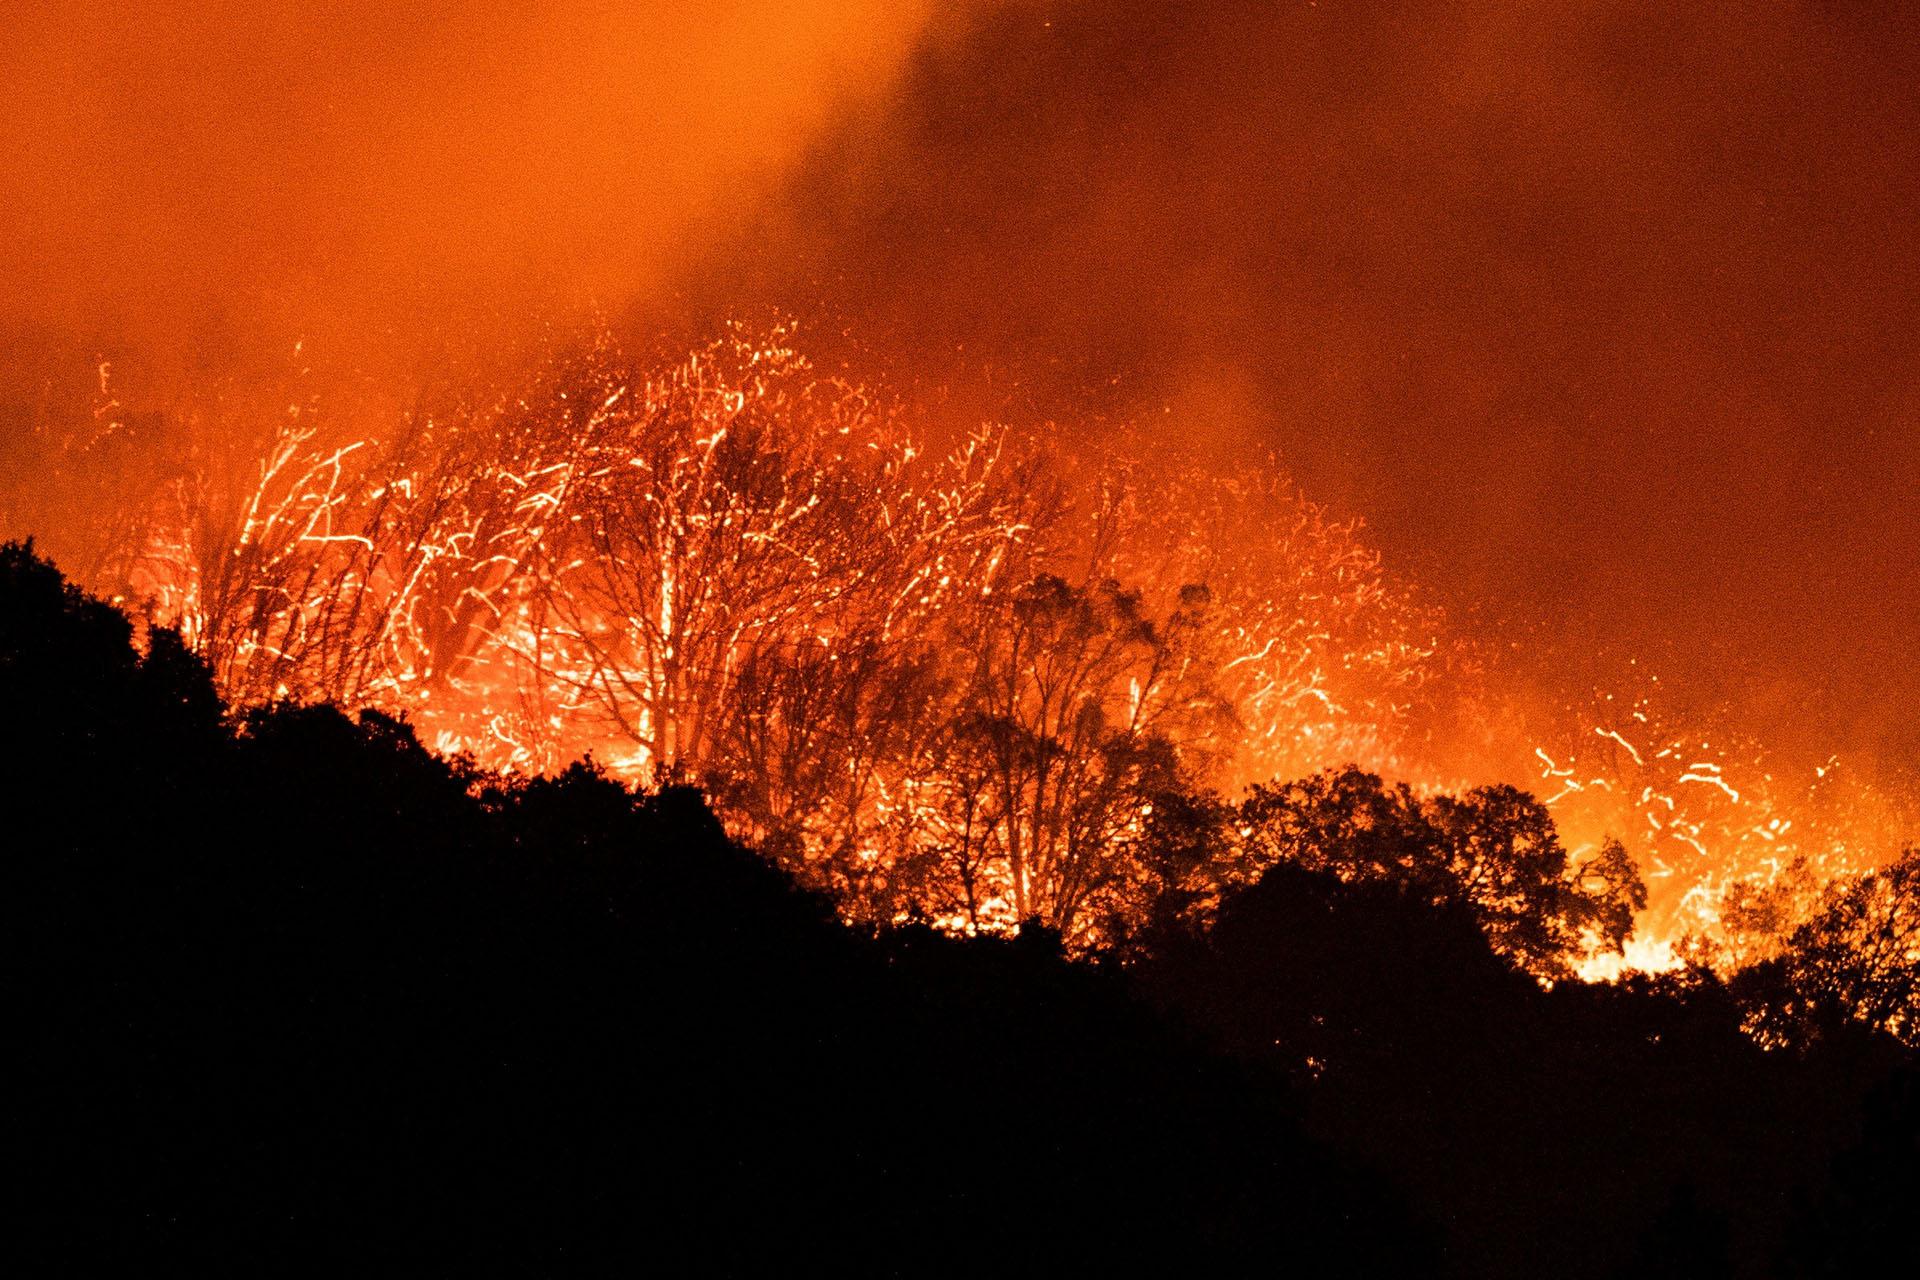 Vista del fuego declarado en Shaver Lake en el bosque nacional de Sierra en California, Estados Unidos este martes. EFE/ Etienne Laurent